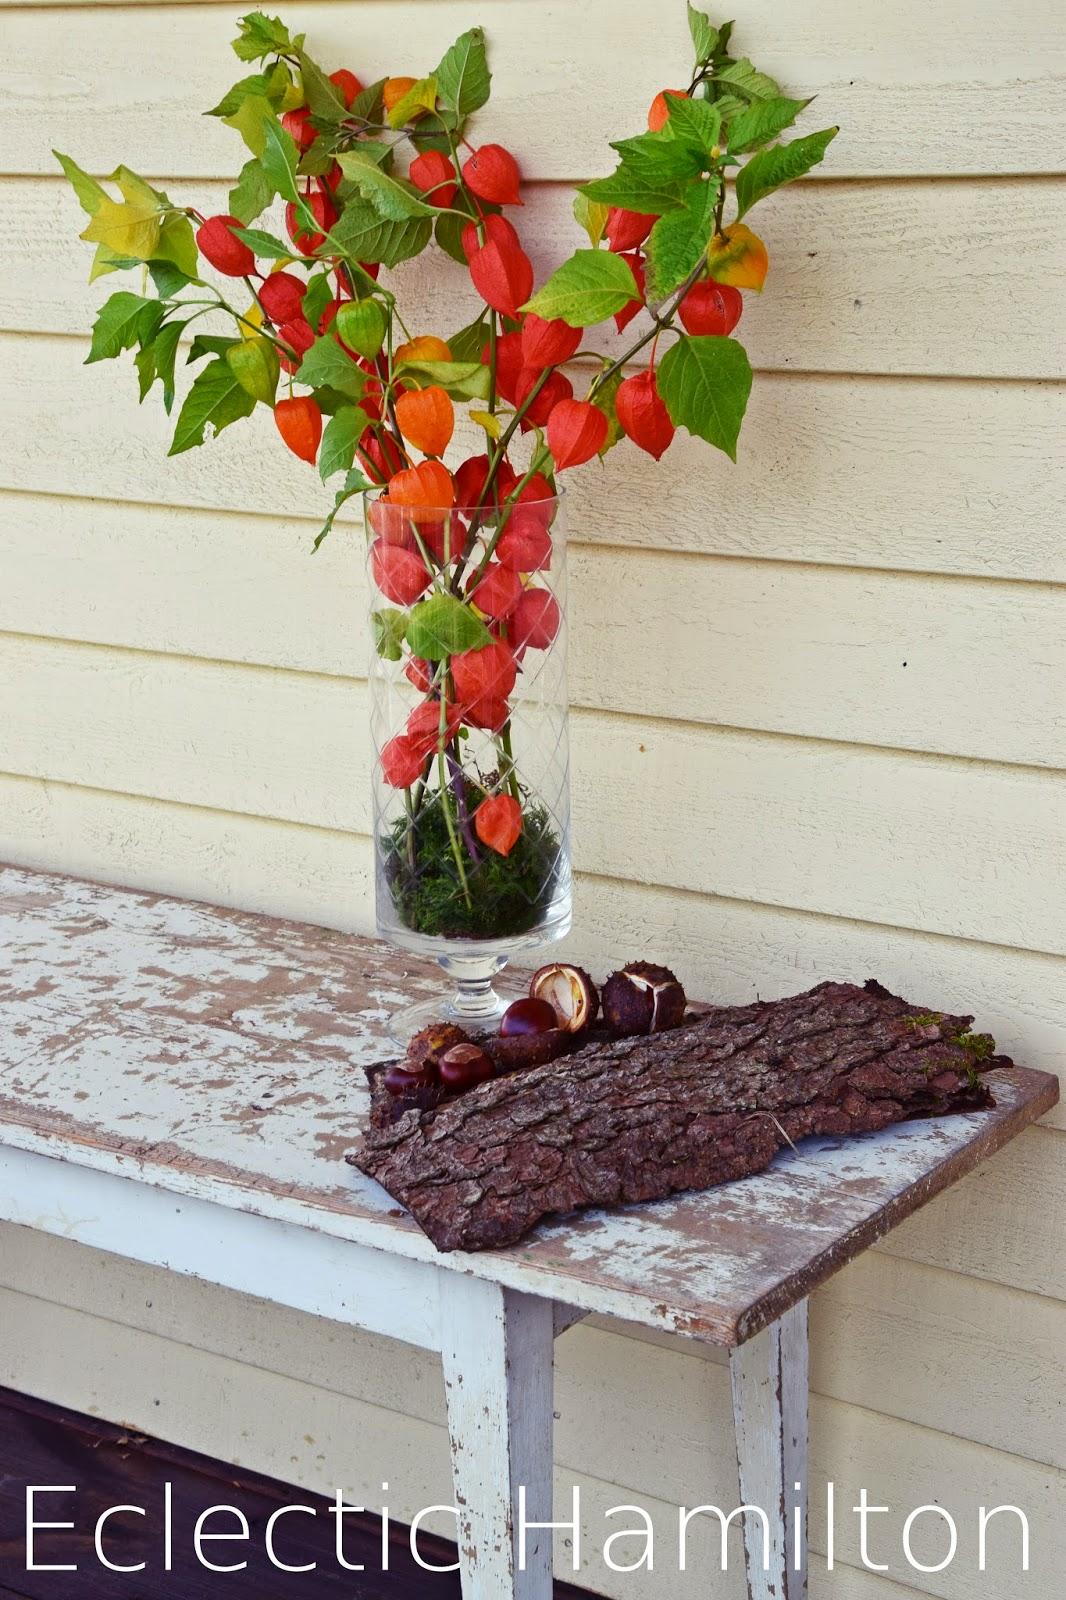 Deko für den Herbst mit Lampionblume und Kastanien sowie Moos. DIY Herbstdeko mit Naturmaterialien